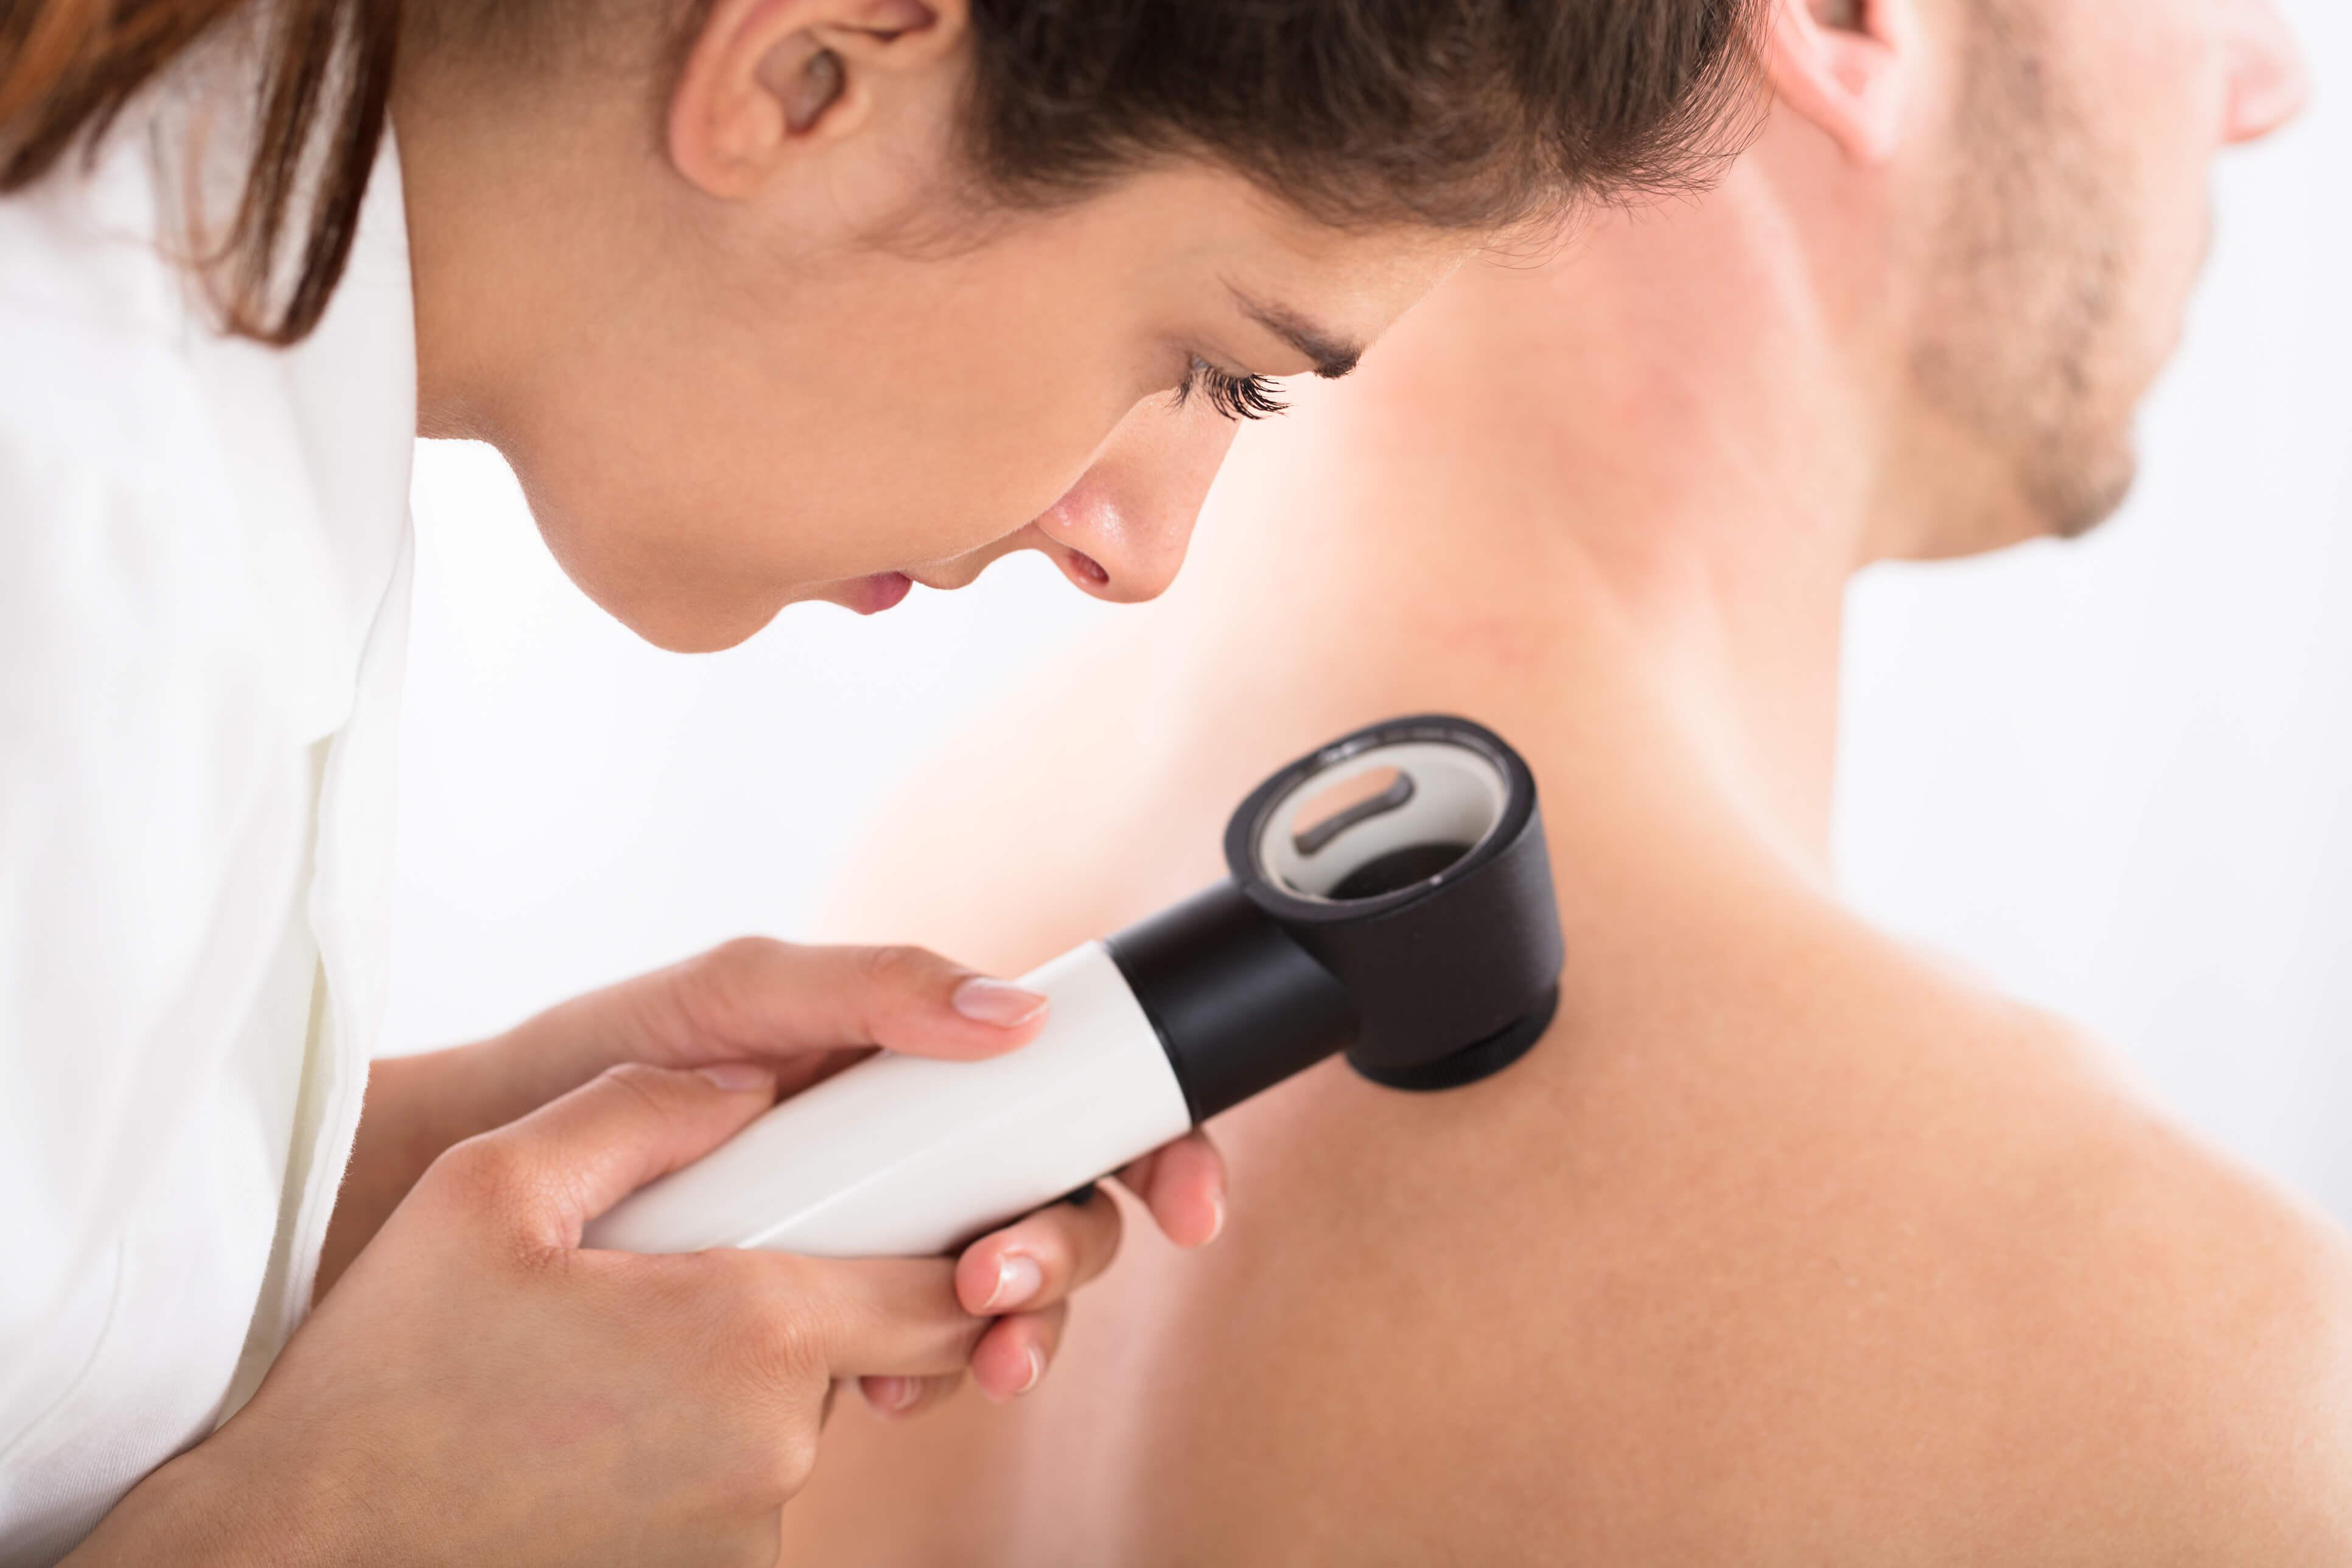 Hautaerztin untersucht einen Mann bei der Hautkrebsvorsorge.